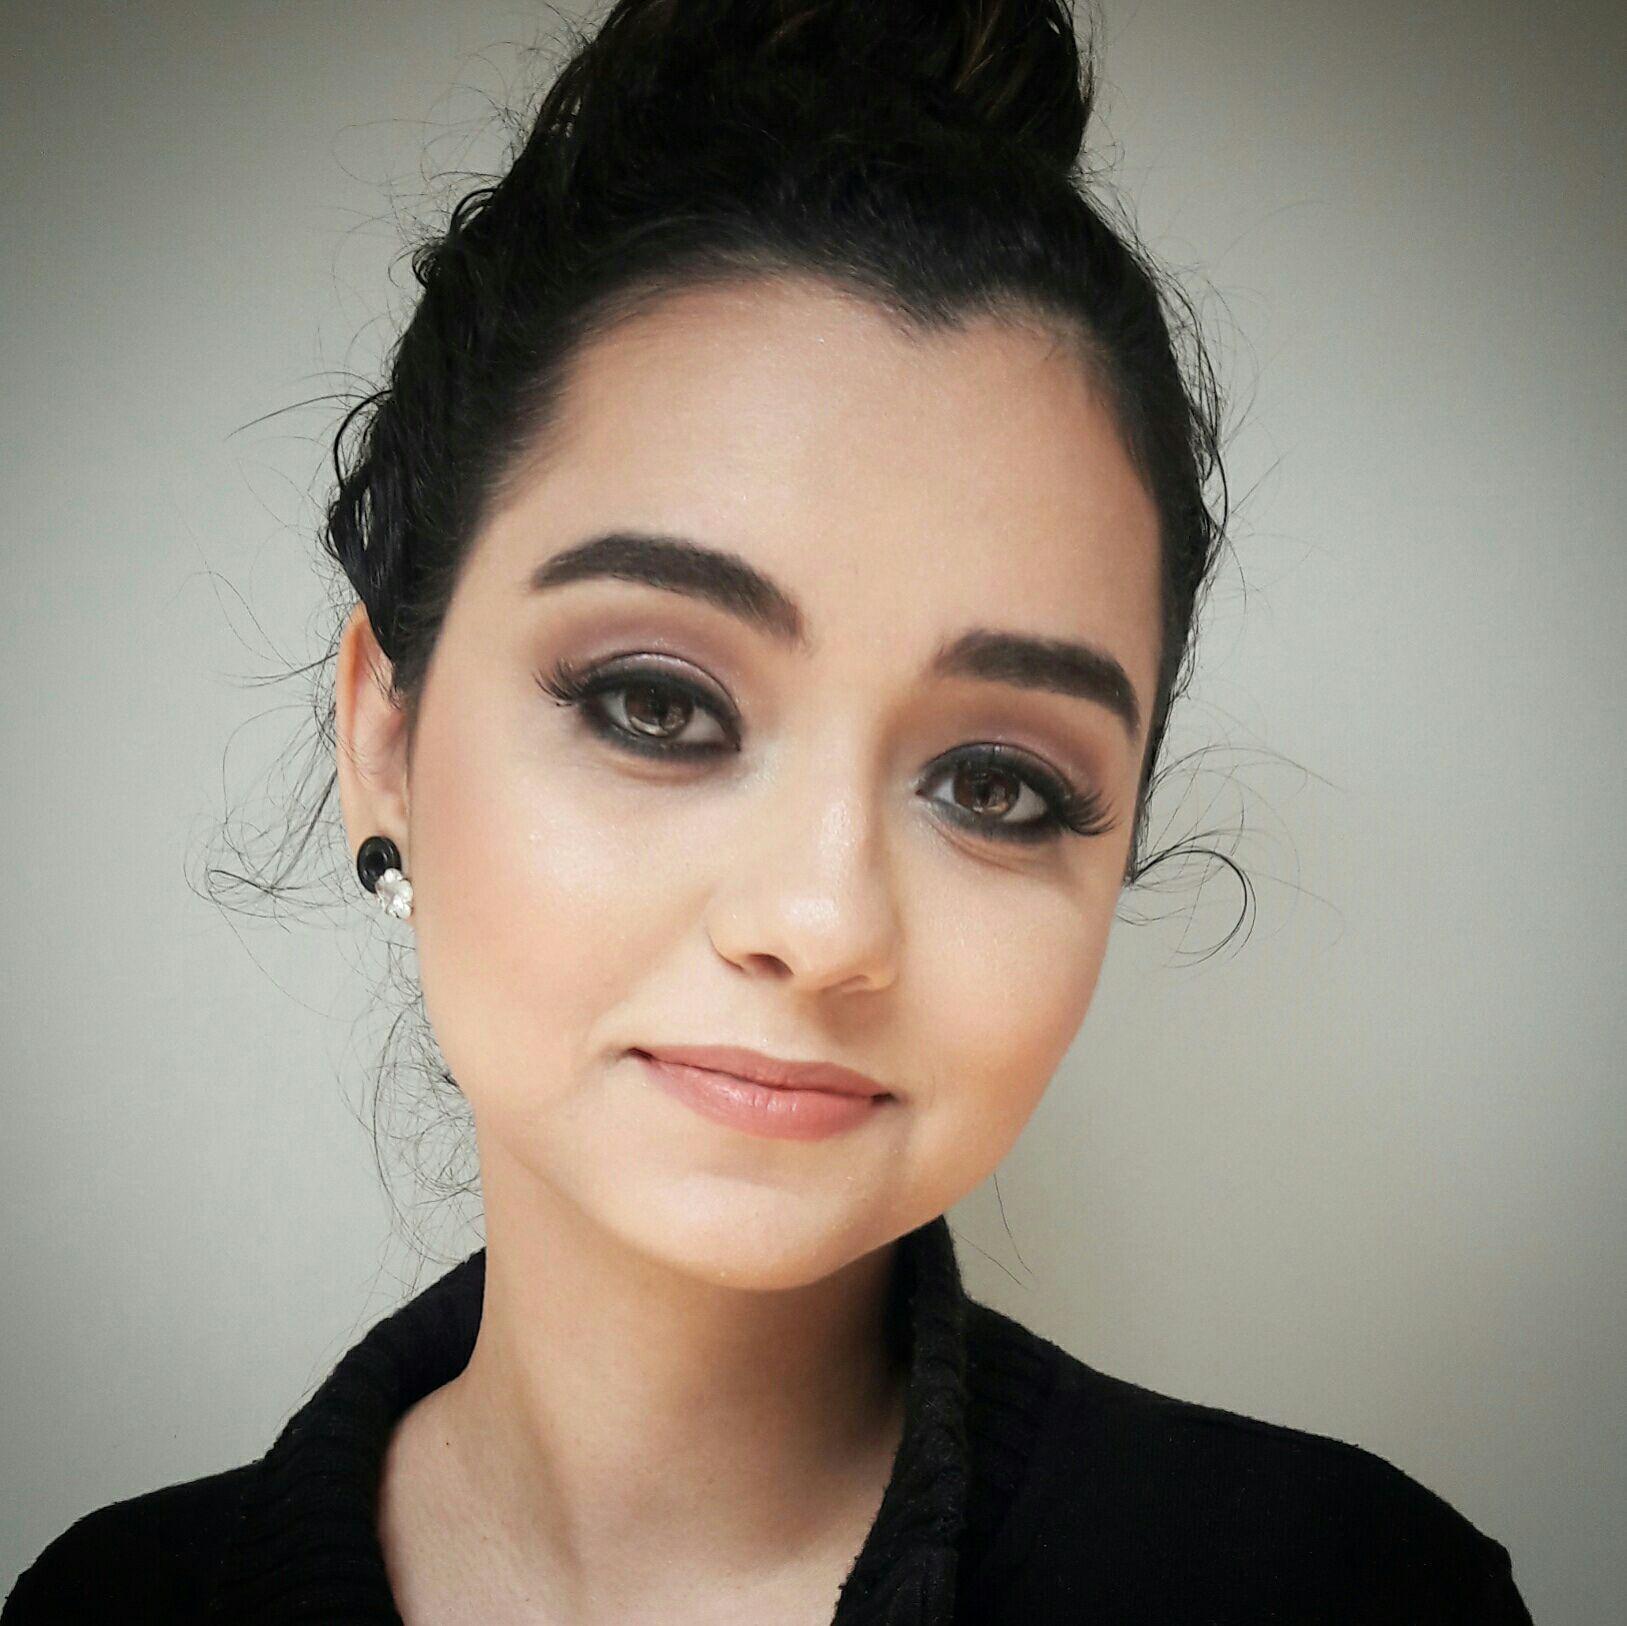 Maquiagem com Preto, bem esfumado e com glitter levemente na pálpebra maquiador(a) maquiador(a)